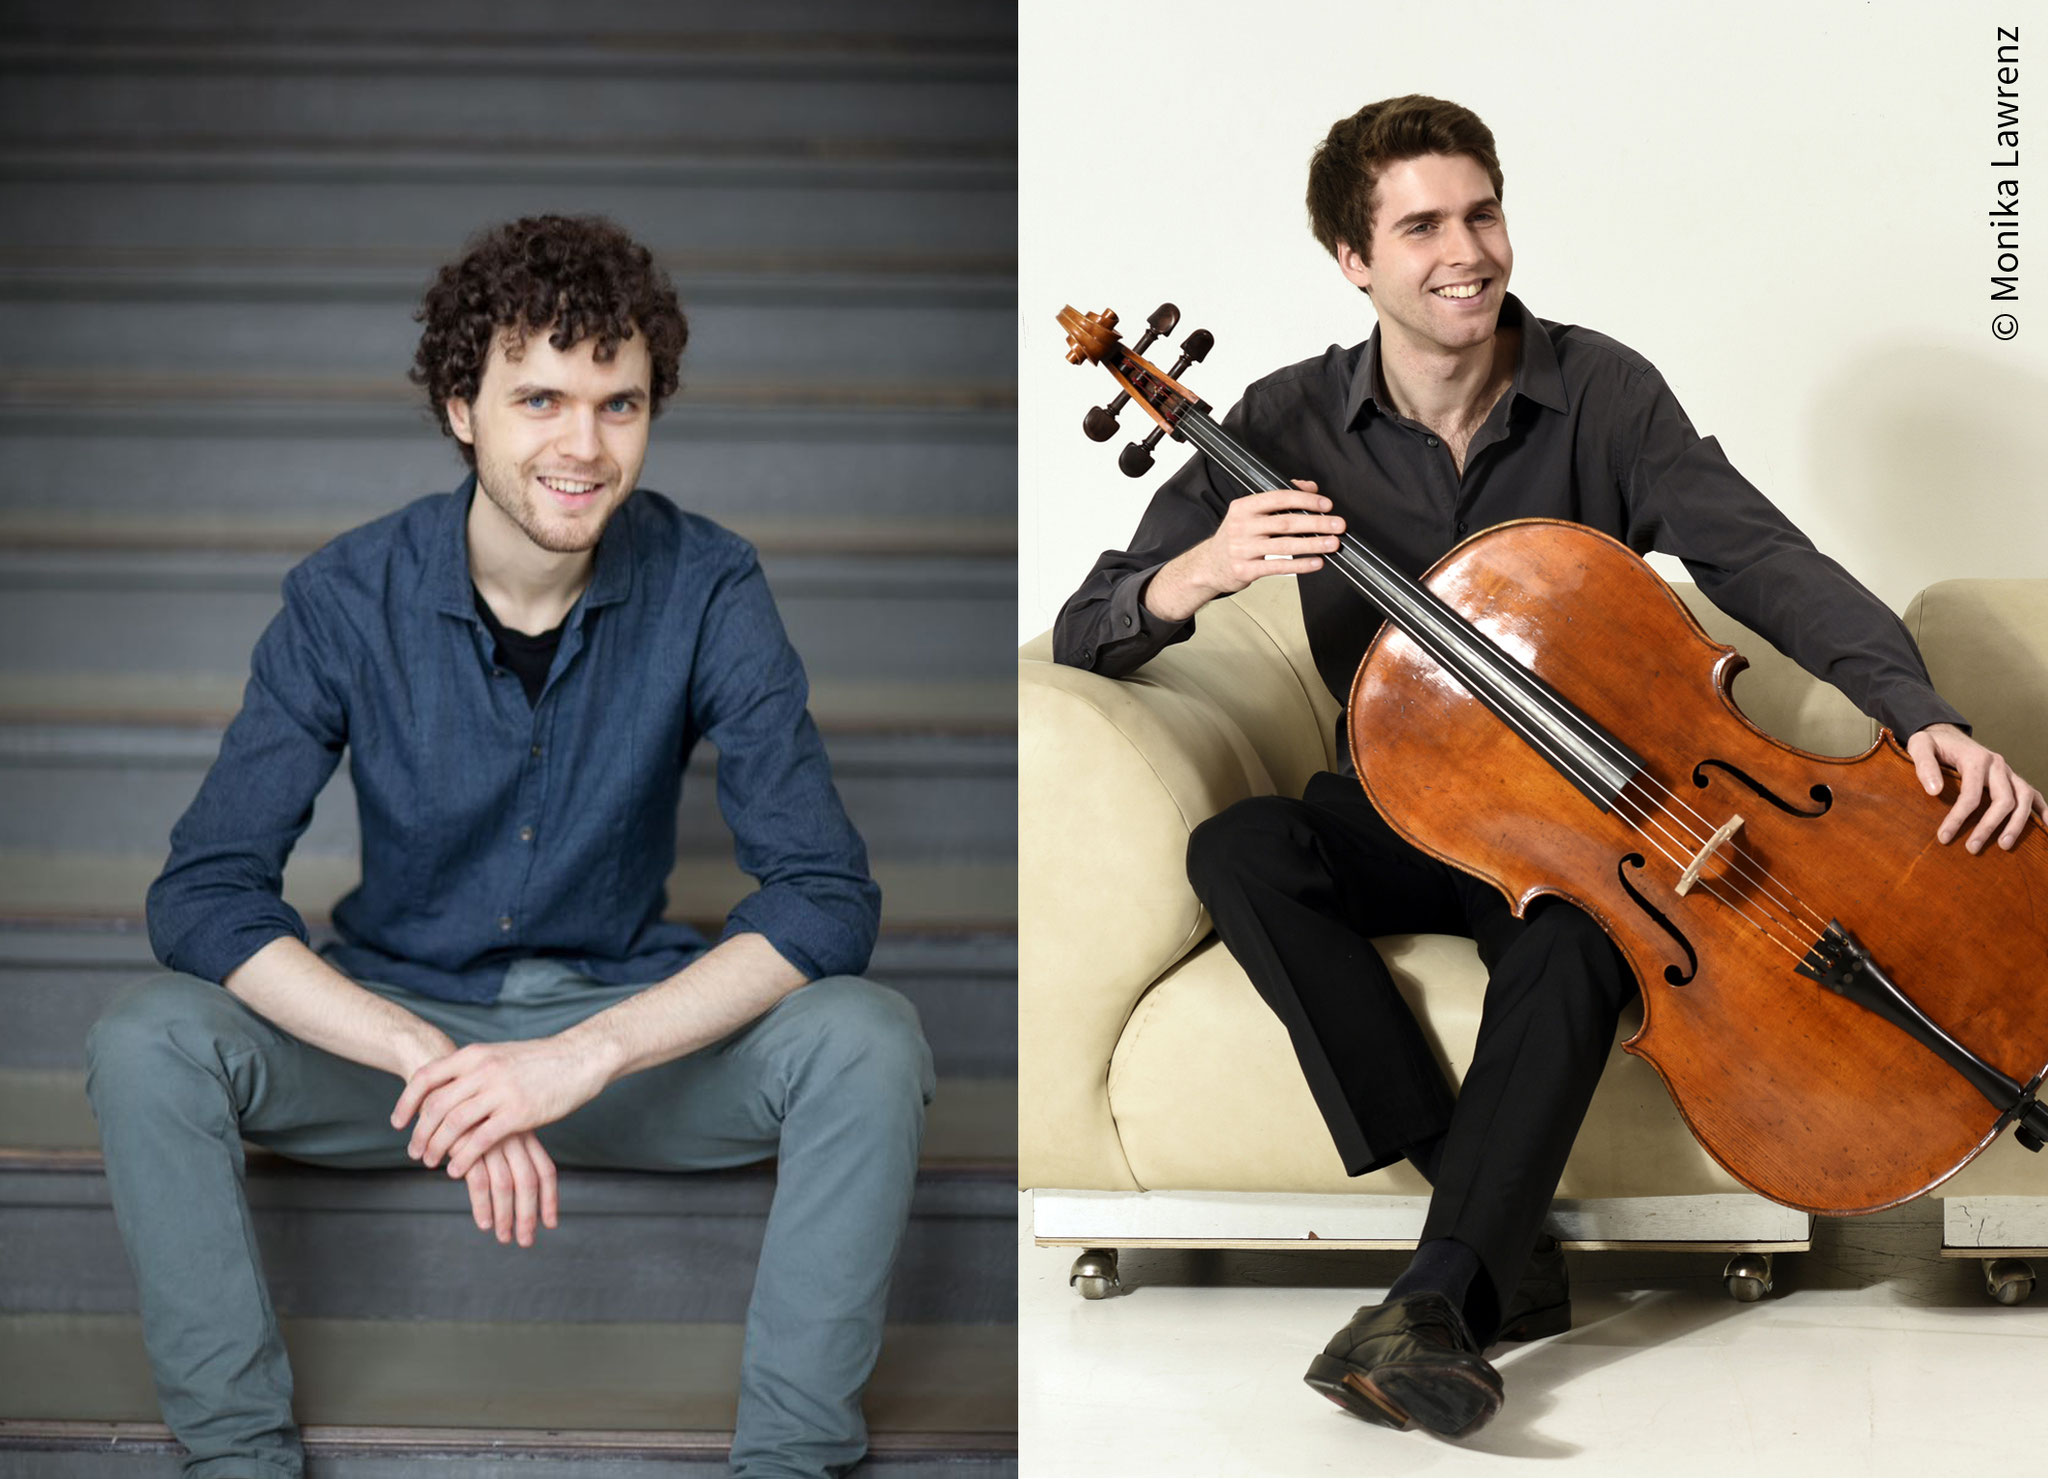 Tipp 12: Sa, 2.11., 16 Uhr: Klassik-Konzert. Philip Graham und Jonas Palm (beide Violoncello) treten in der Krankenhauskirche im Wuhlgarten auf.